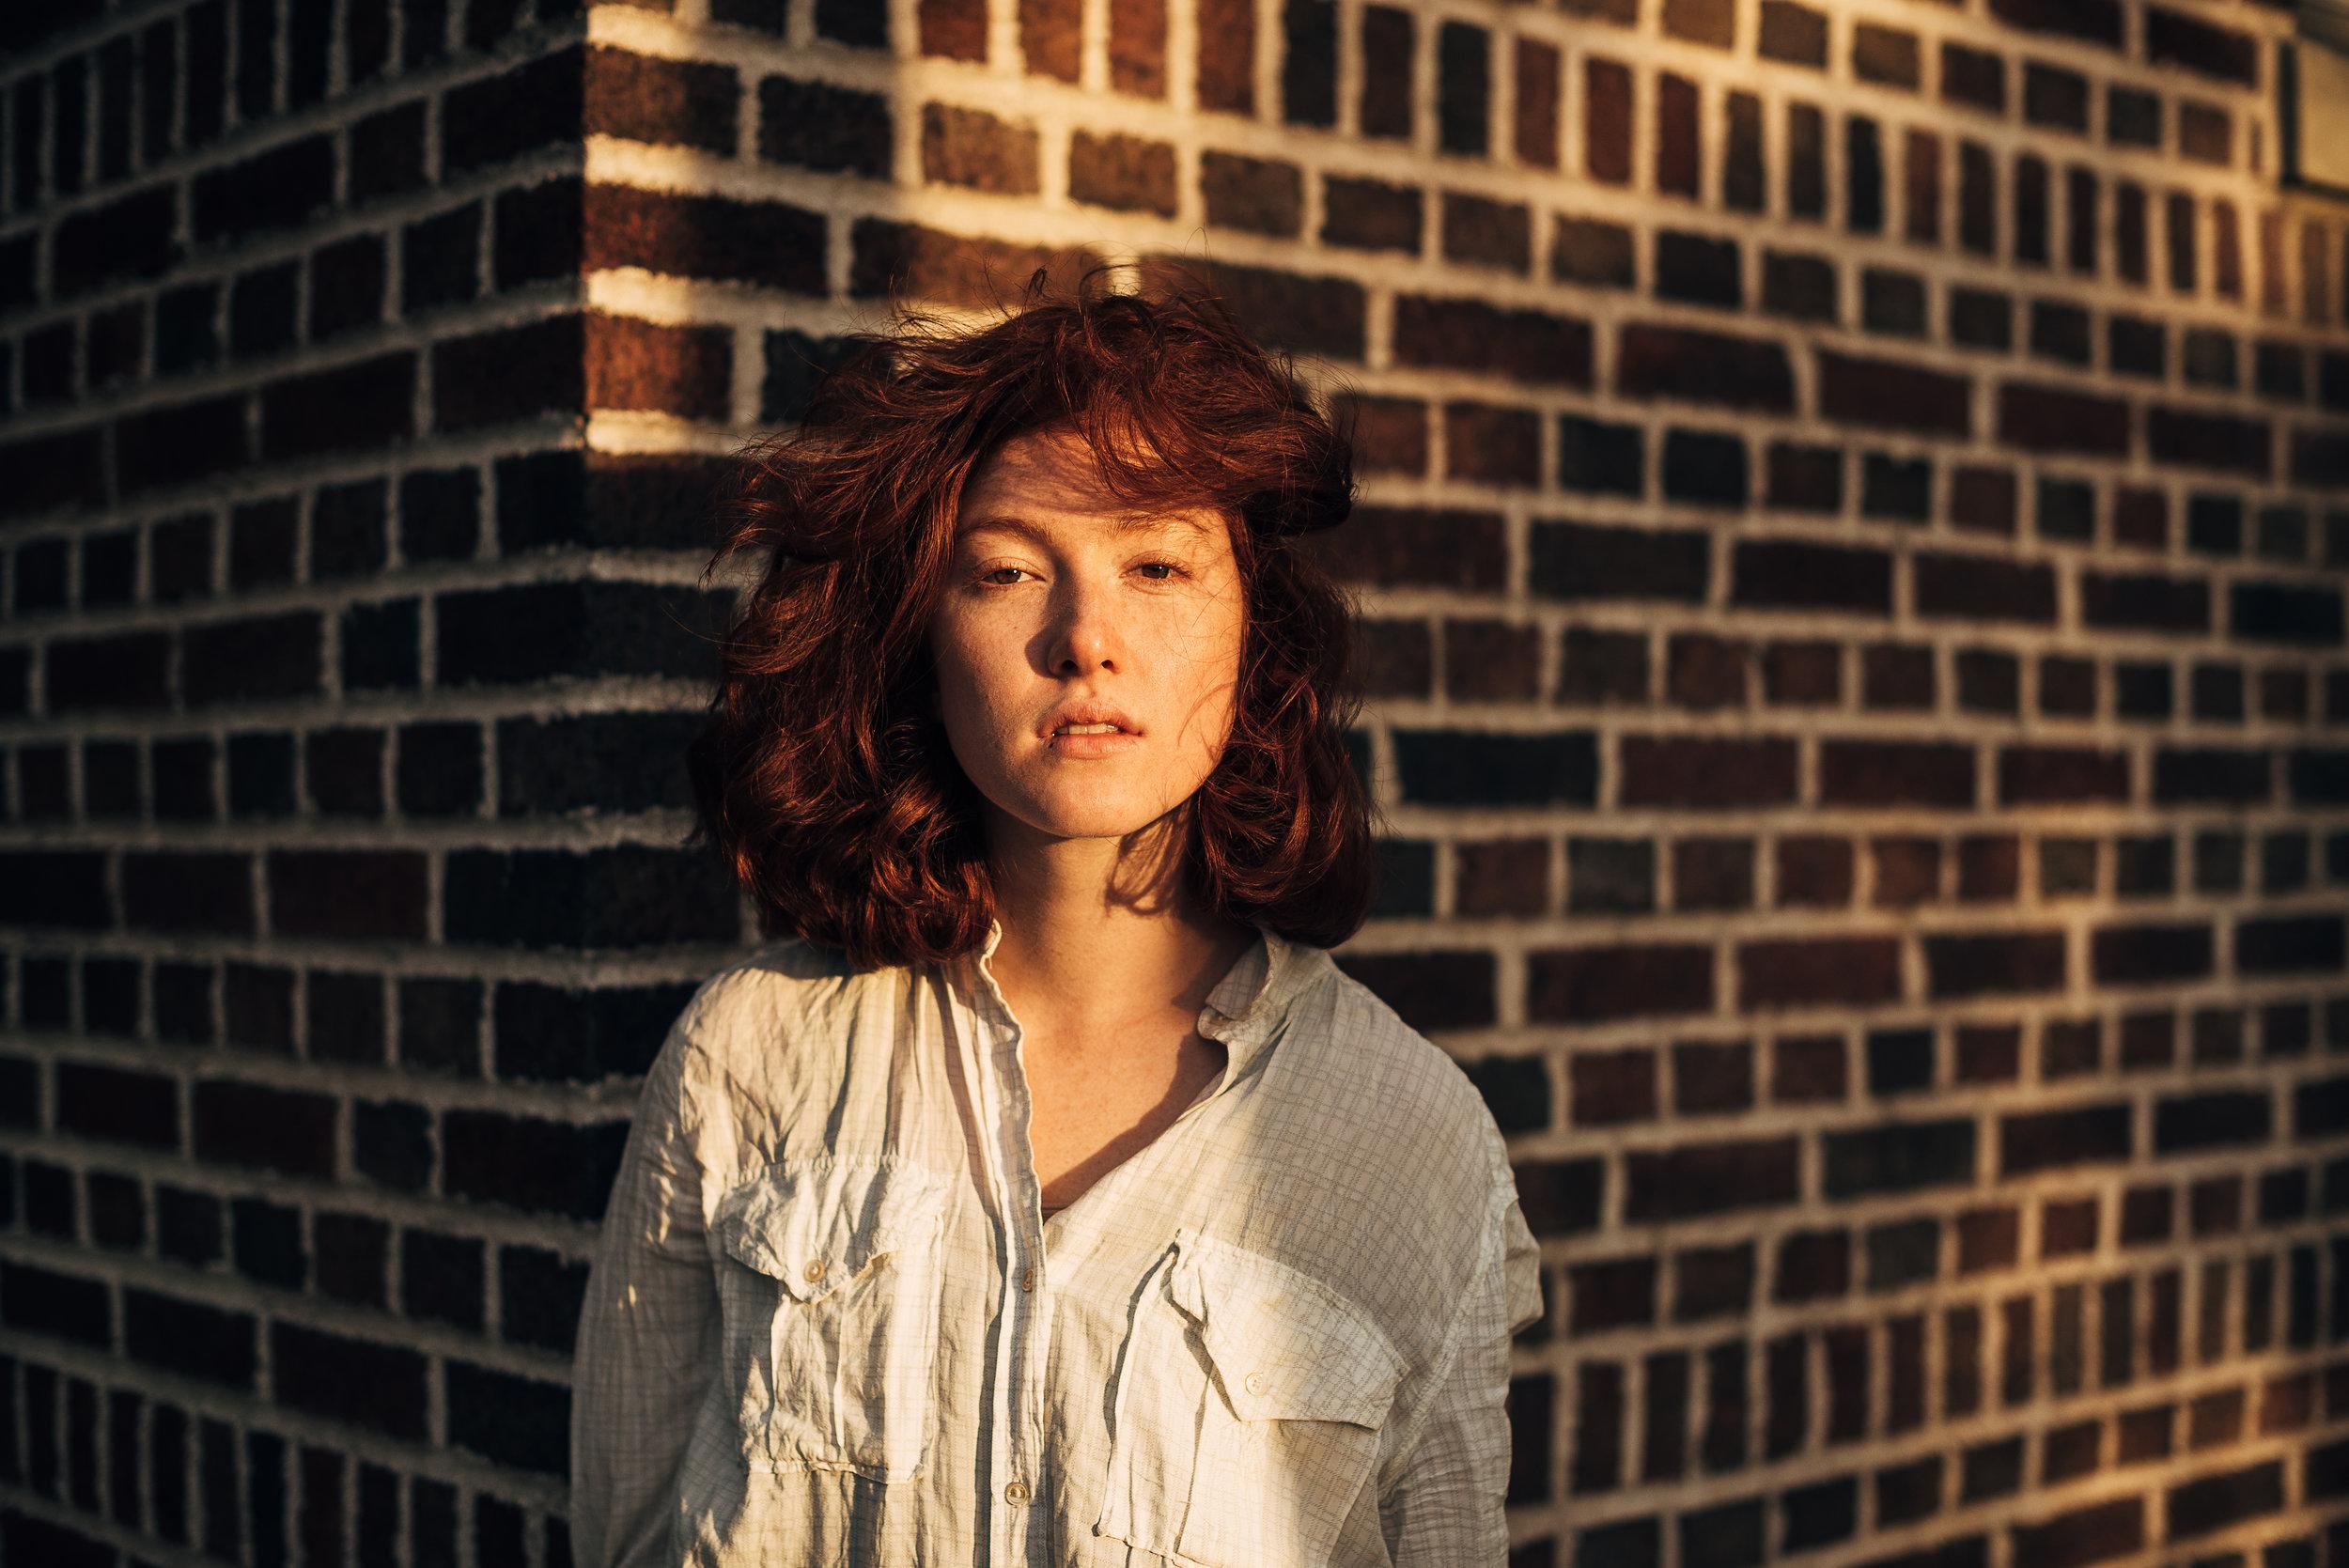 Scarlet_BKHeights-88 copy.jpg